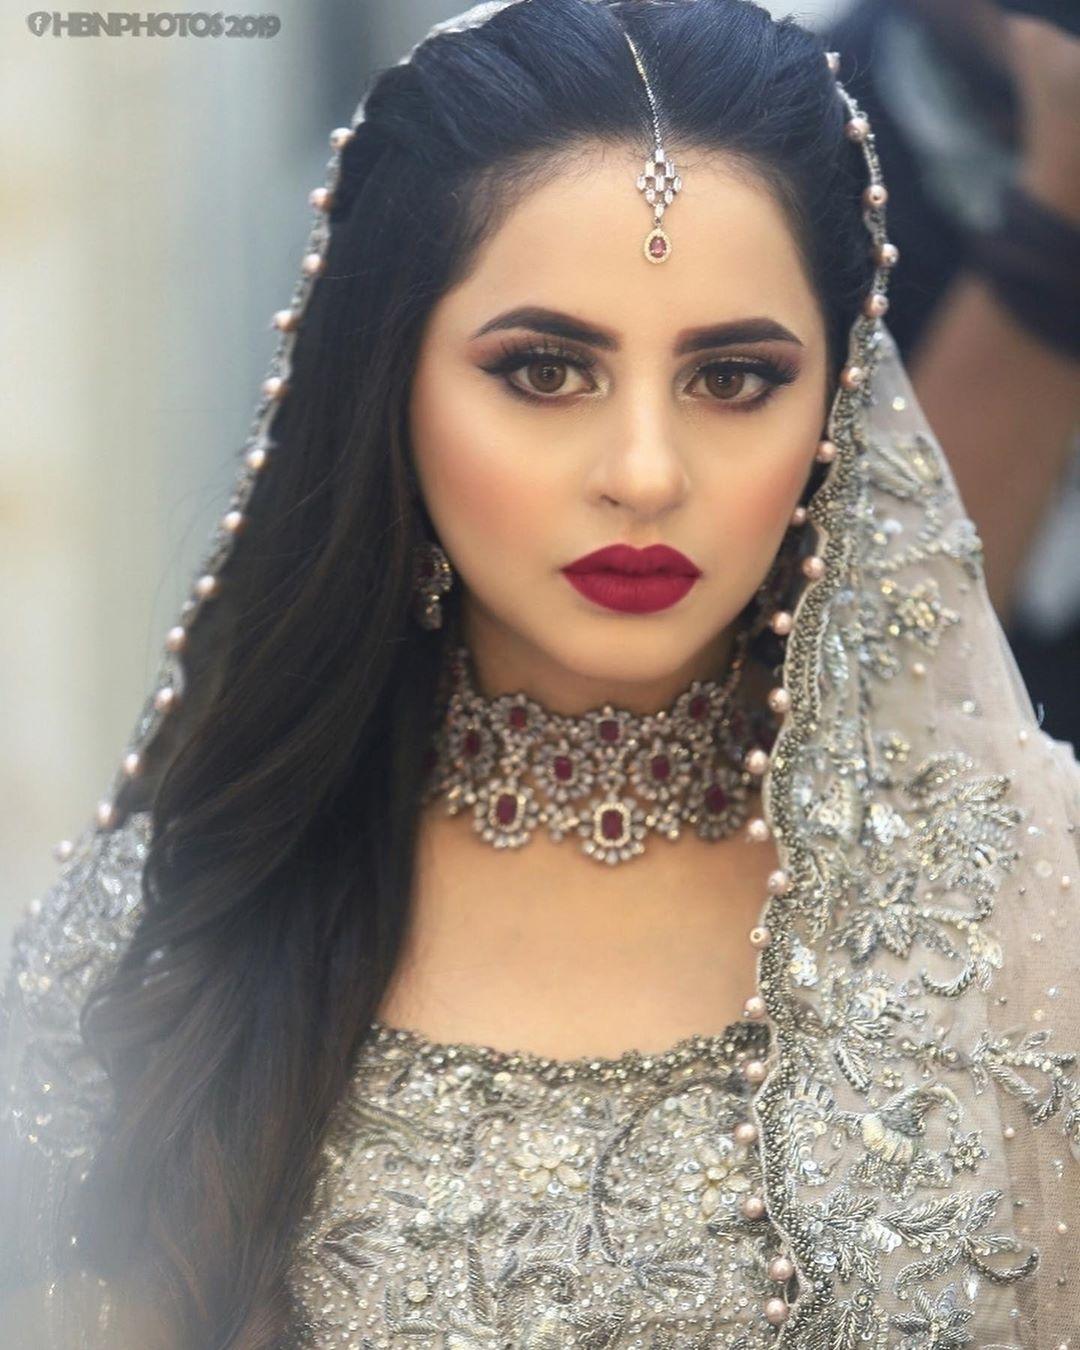 Beautiful Bridal Photoshoot Of Fatima Effendi